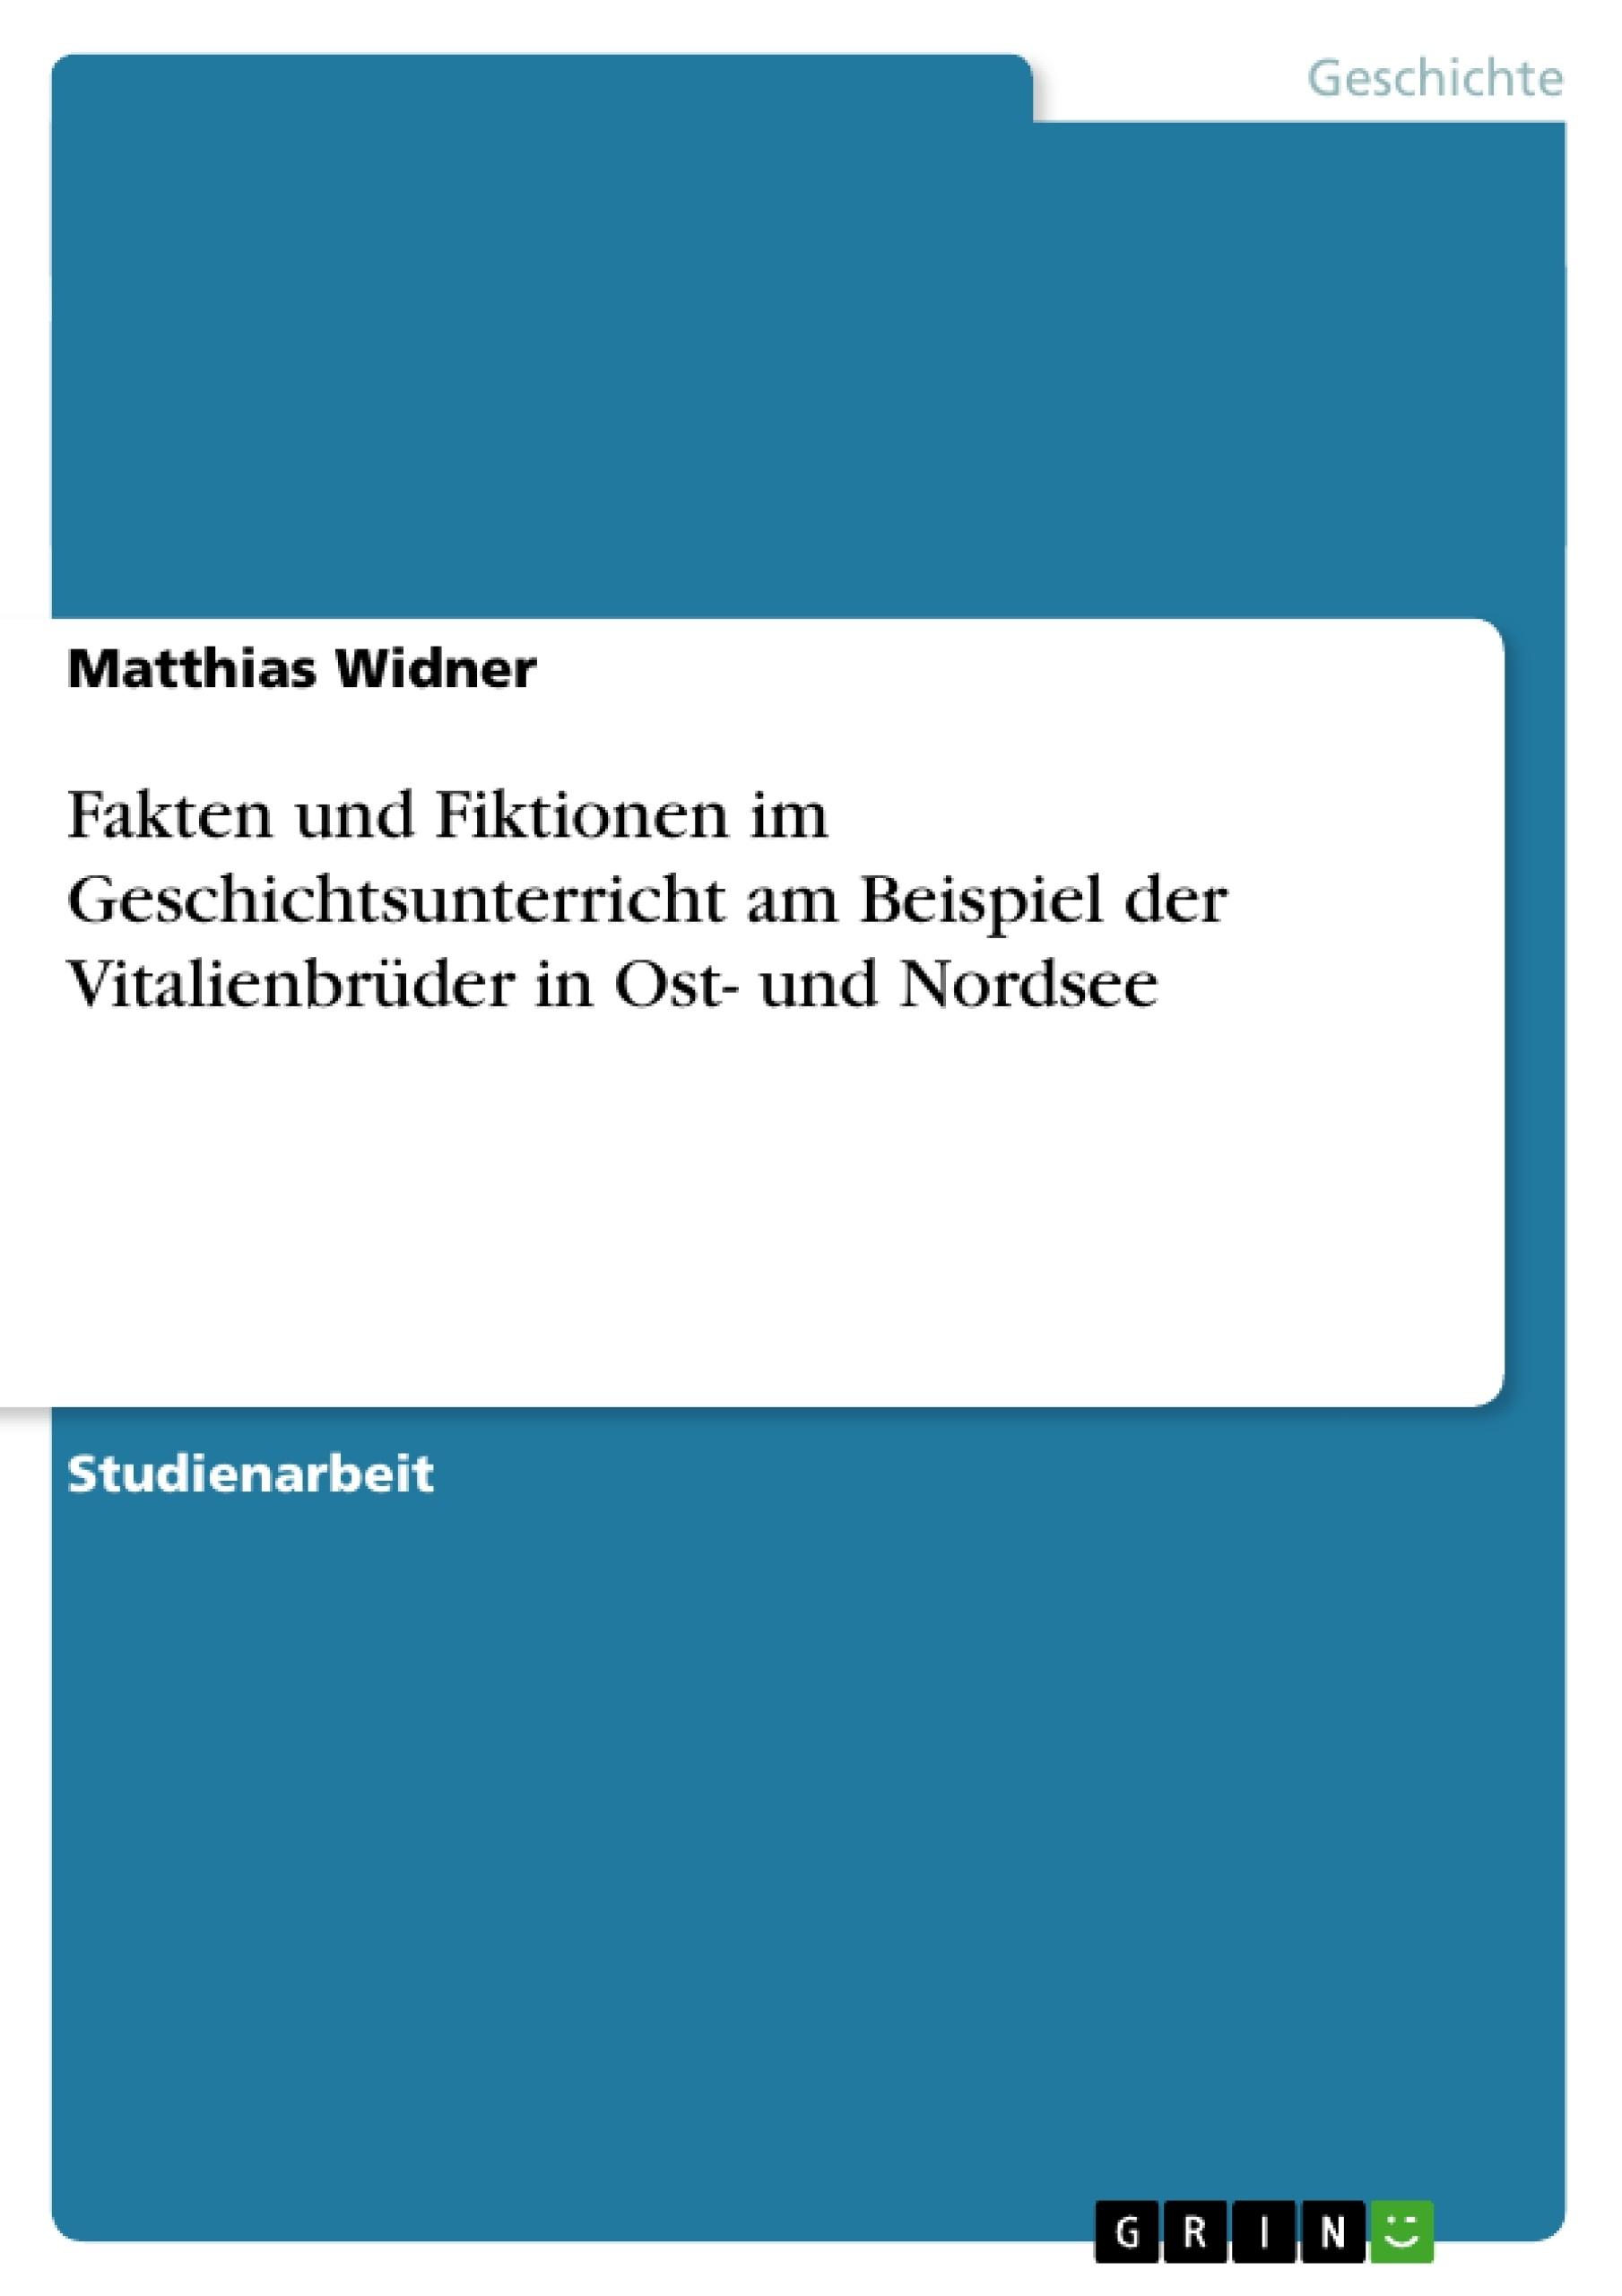 Titel: Fakten und Fiktionen im Geschichtsunterricht am Beispiel der Vitalienbrüder in Ost- und Nordsee